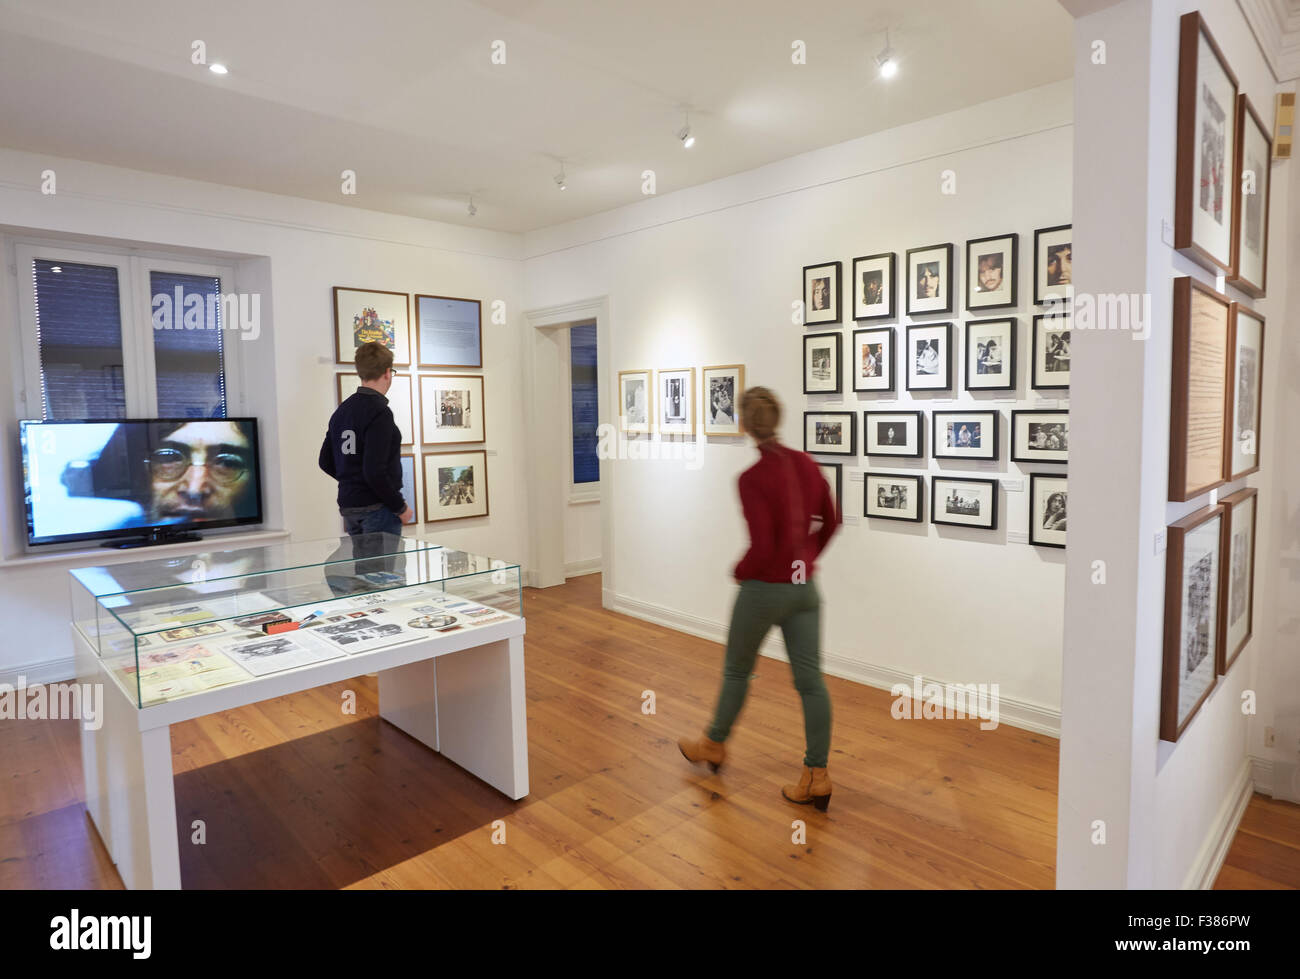 Museumsmitarbeiter zu Fuß durch die Ausstellung John Lennon - vorstellen. Musiker, Dichter, Zeichner, Aktivist Stockbild